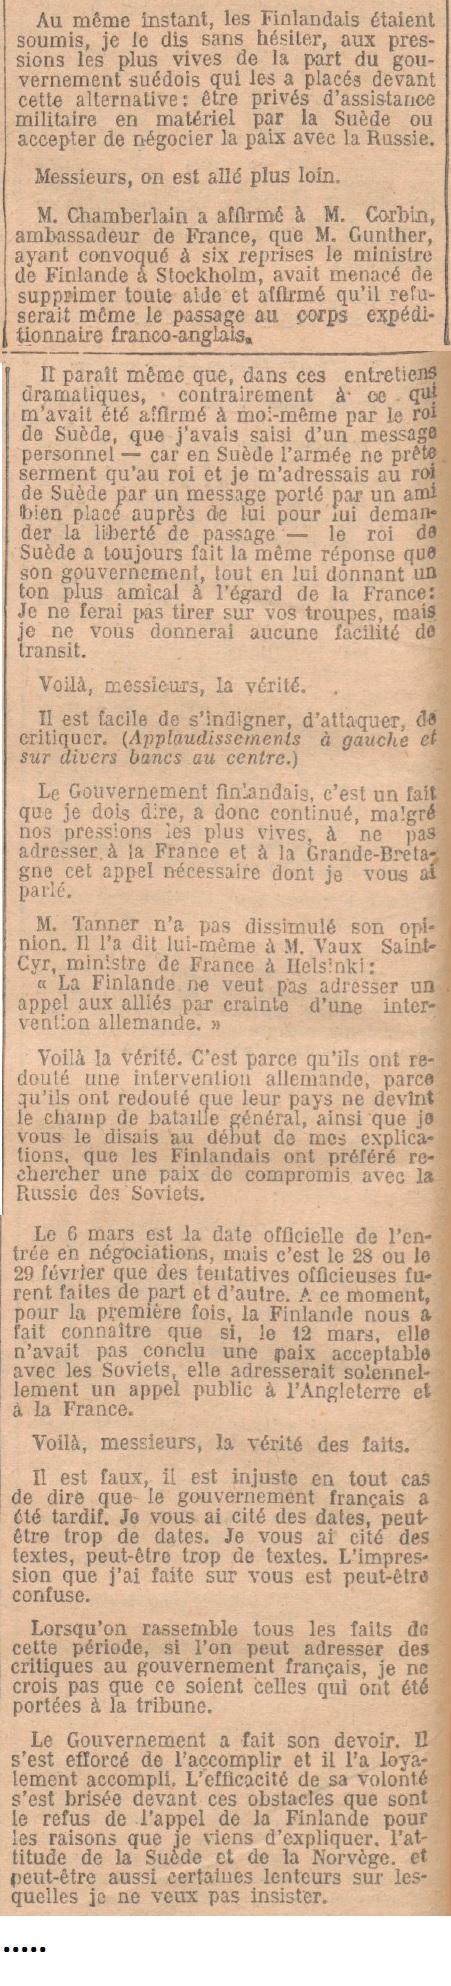 Insigne des Français en Finlande ? - Page 2 Comitz24